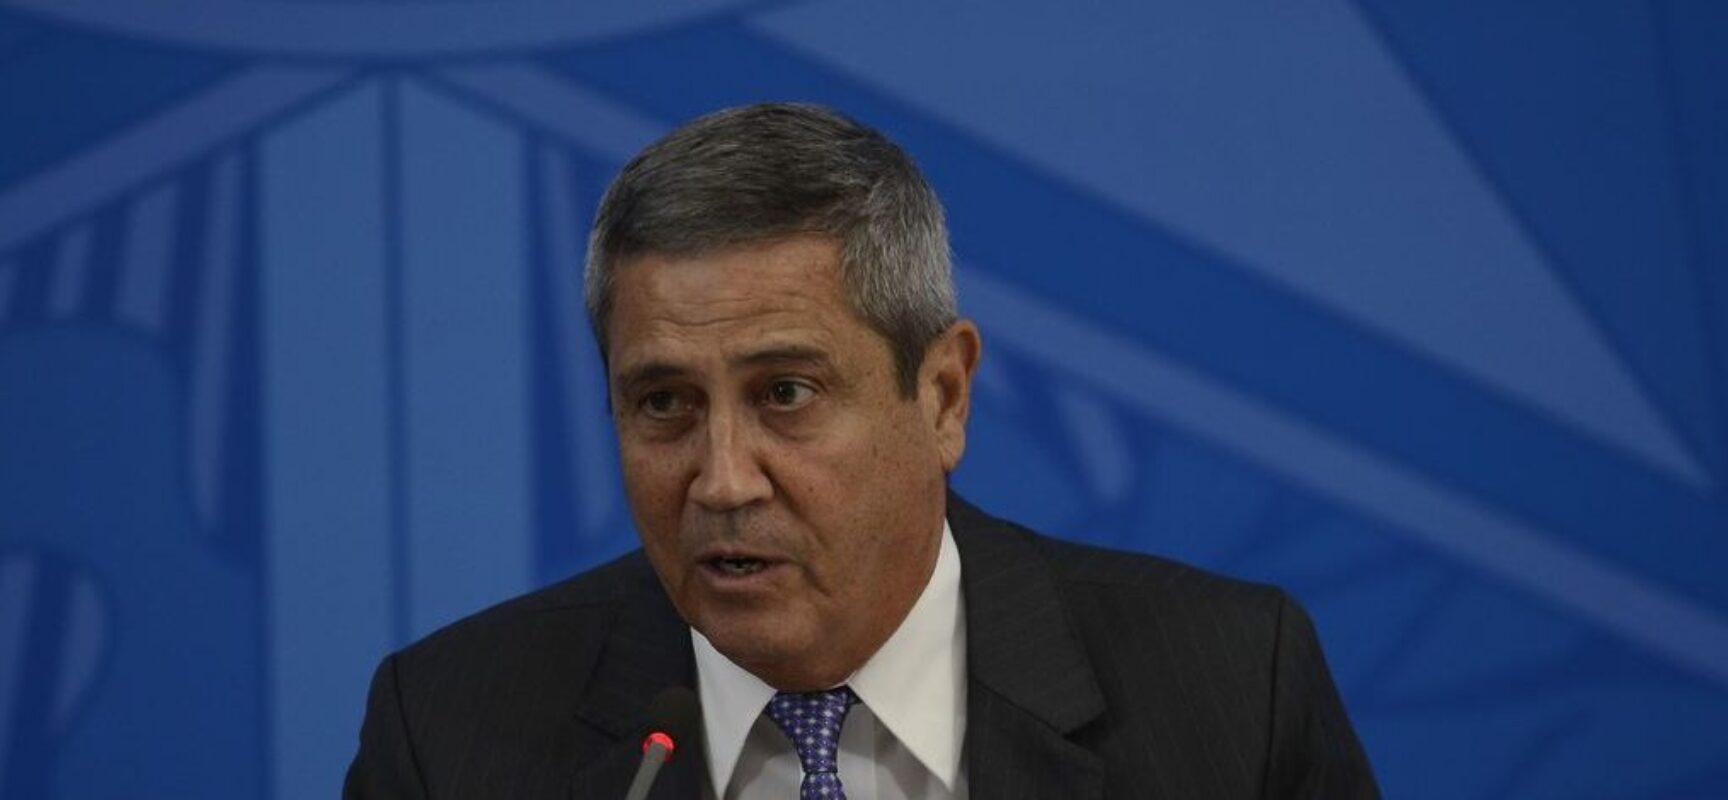 Braga Netto prega união contra iniciativas de desestabilização